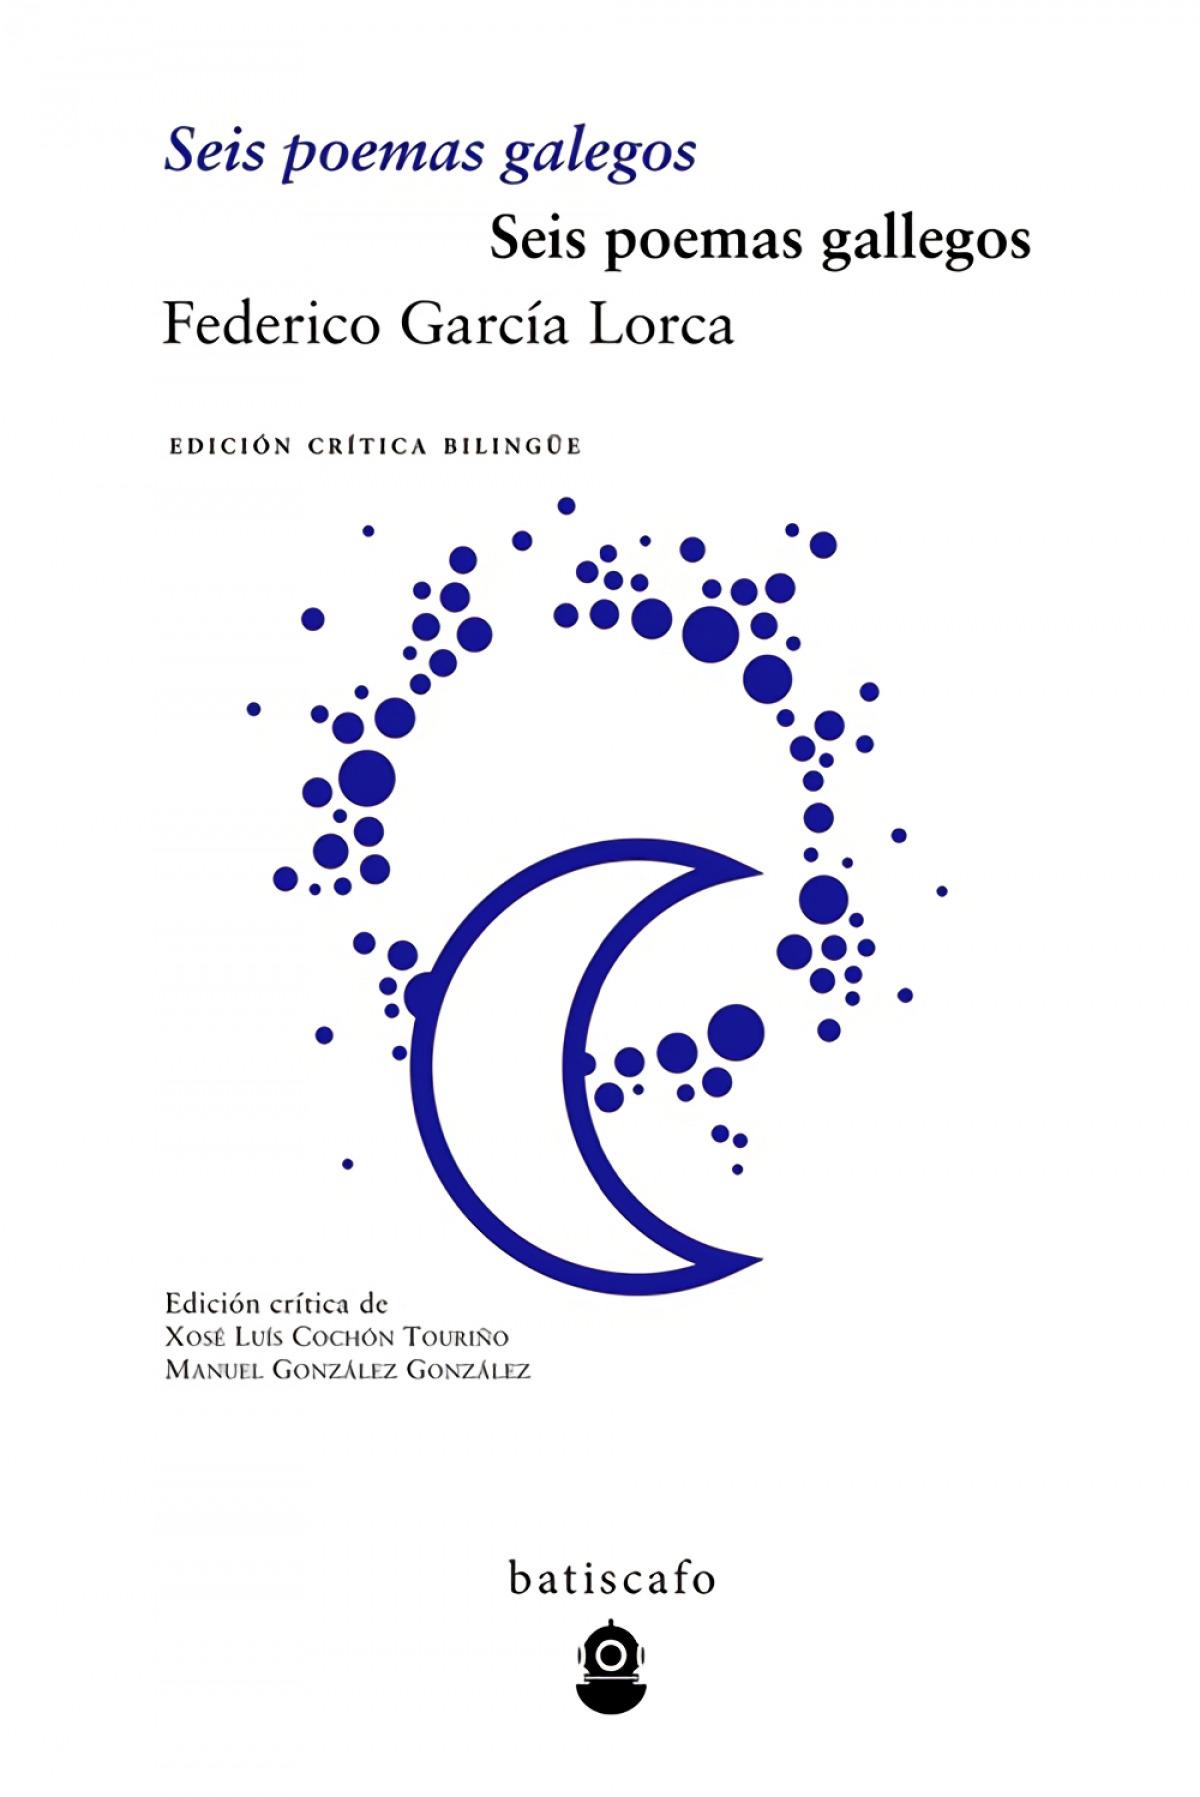 Seis poemas galegos/Seis poemas gallegos